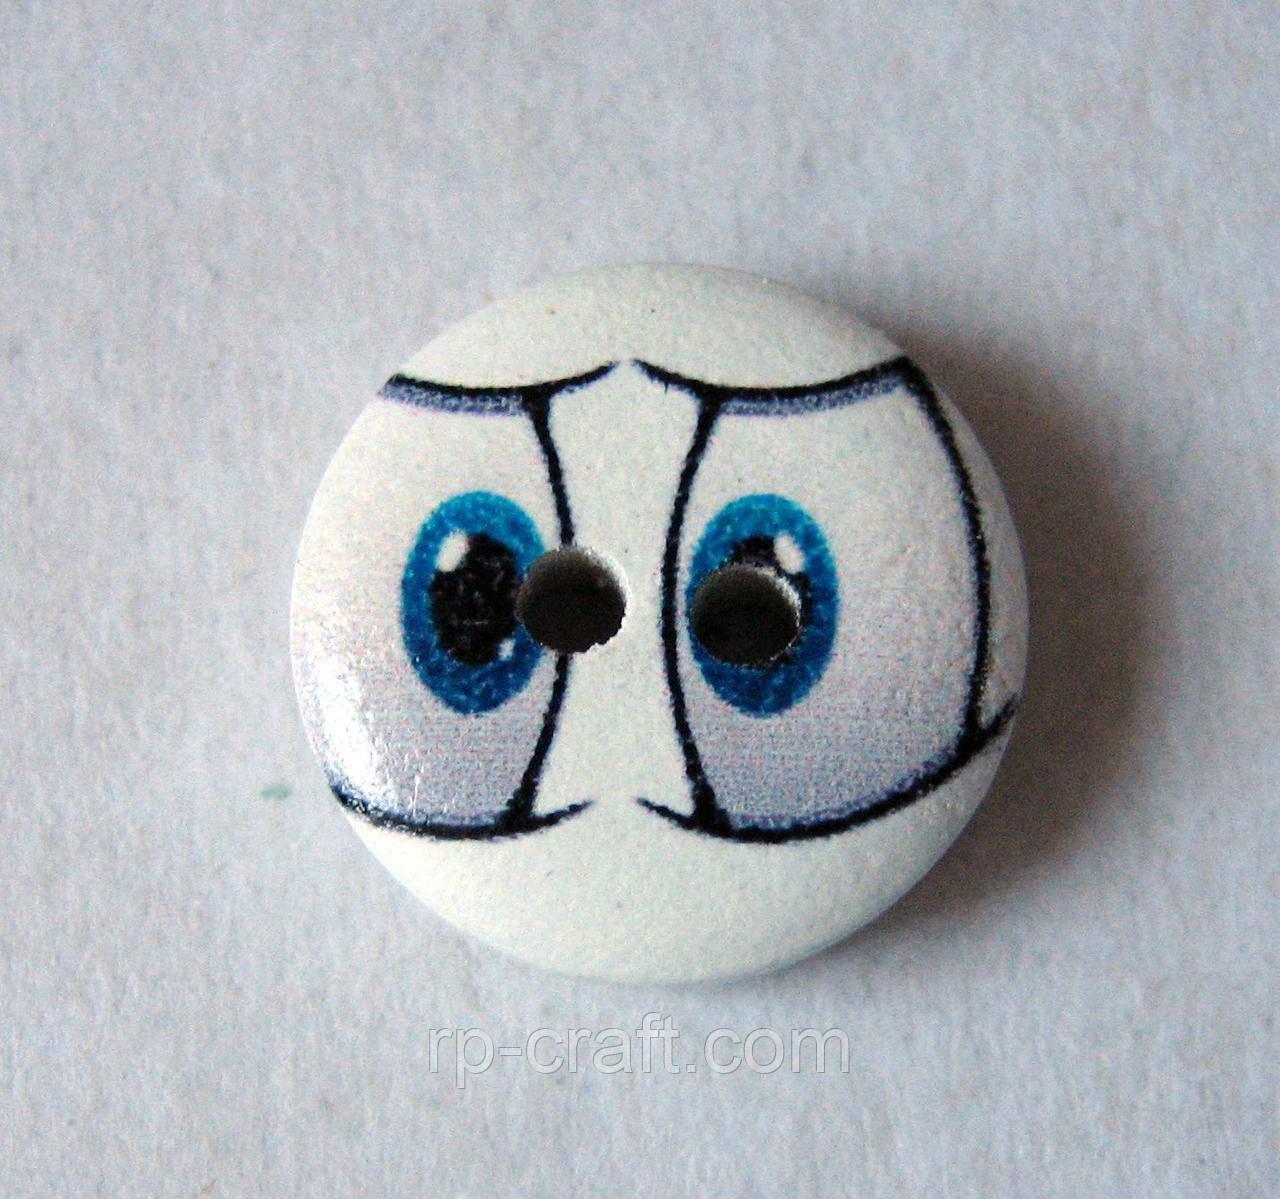 Ґудзик дерев'яна декоративна. Очі, 15 мм